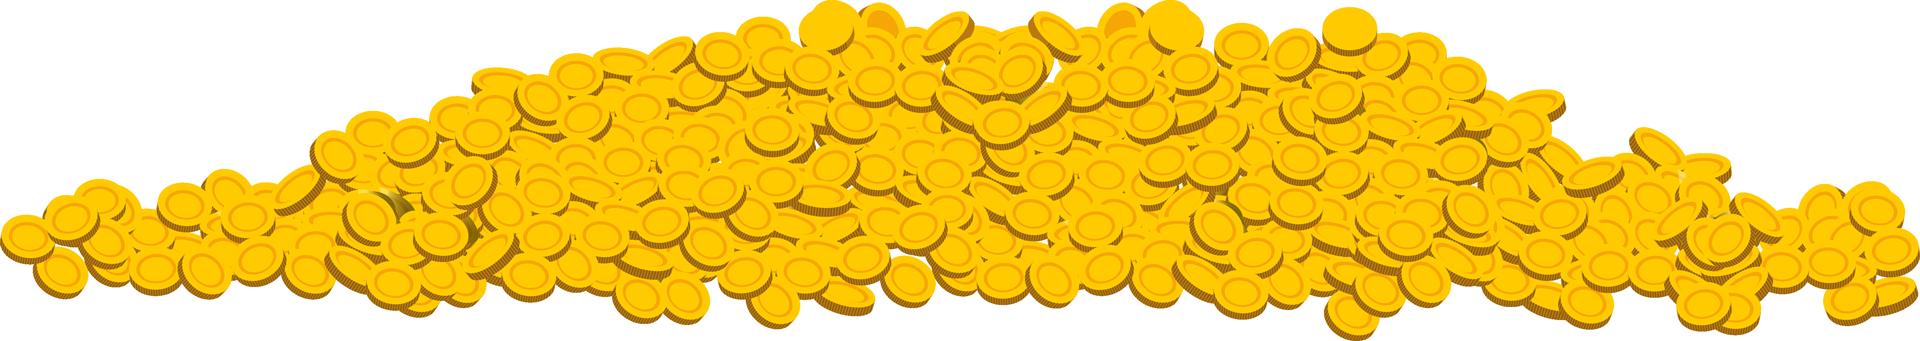 montacoin_geldstapel